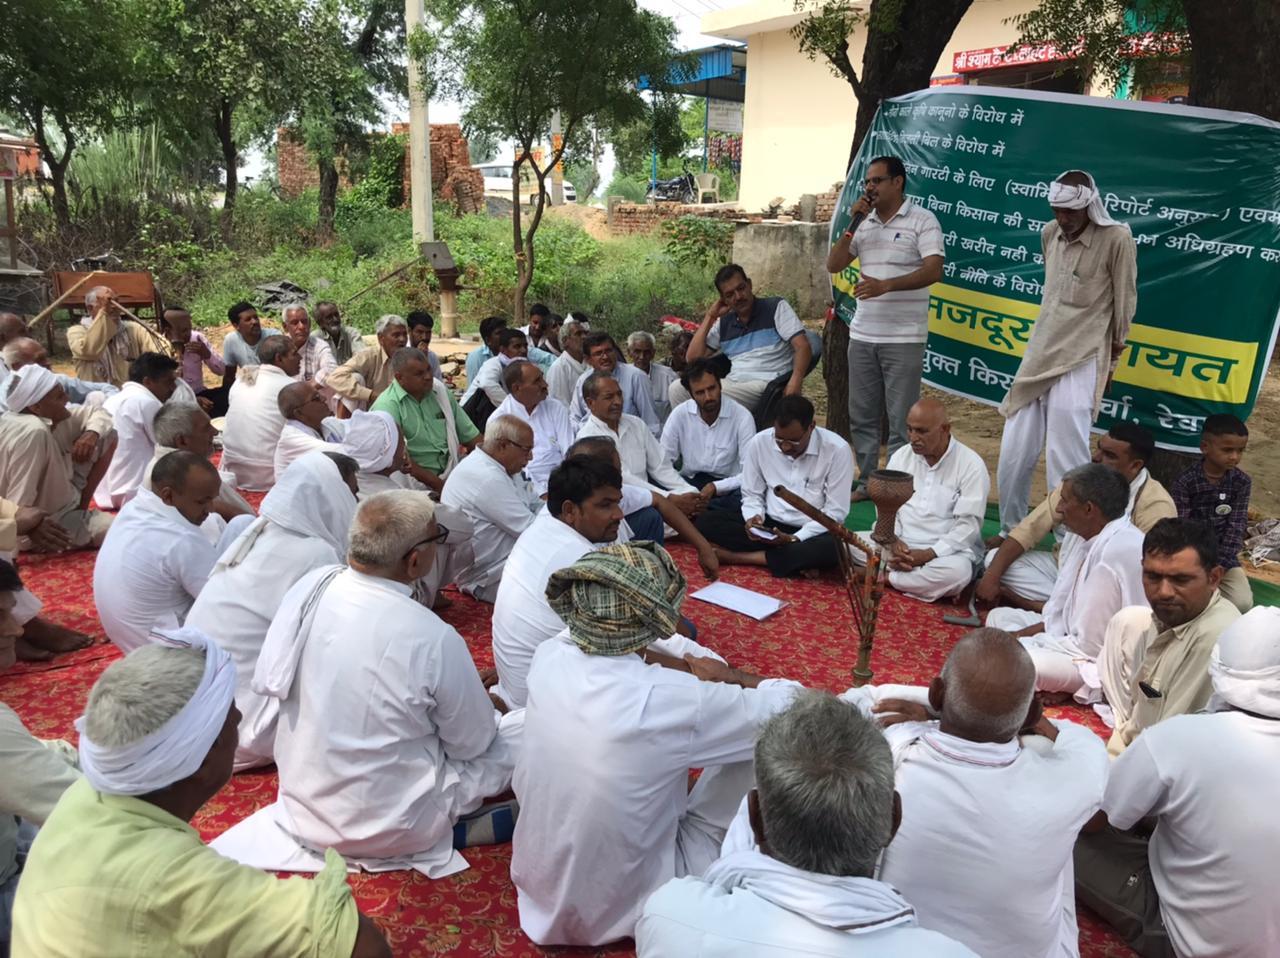 27 सितंबर को भारत बंद के साथ टोल भी नहीं चलने देंगे; बोले- सरकार लोकतंत्र का गला घोंटना चाहती है, किसानों से घबराई हुई है|रेवाड़ी,Rewari - Dainik Bhaskar